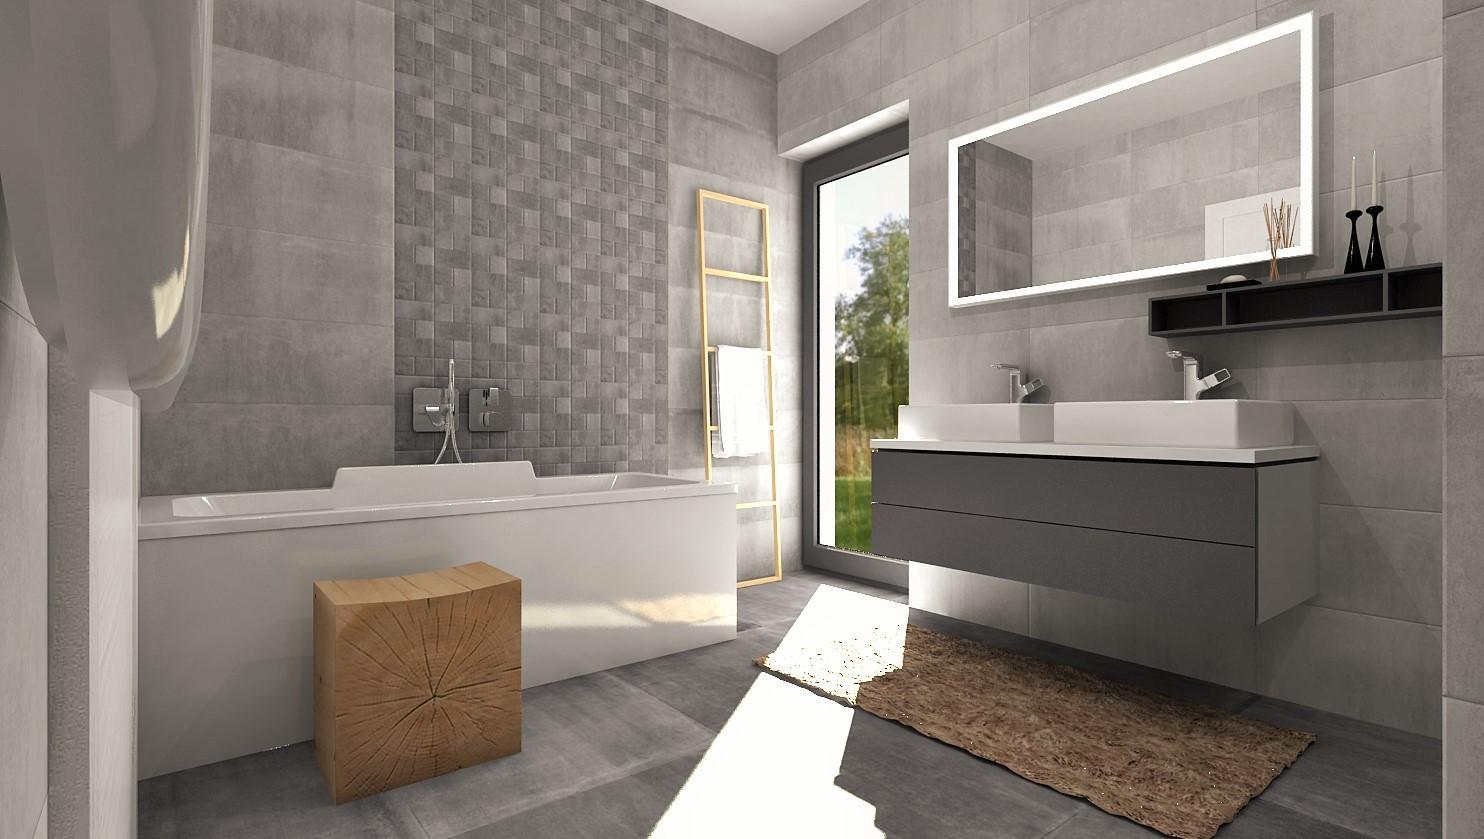 Návrhy a vizualizácie kúpeľní - Obrázok č. 74